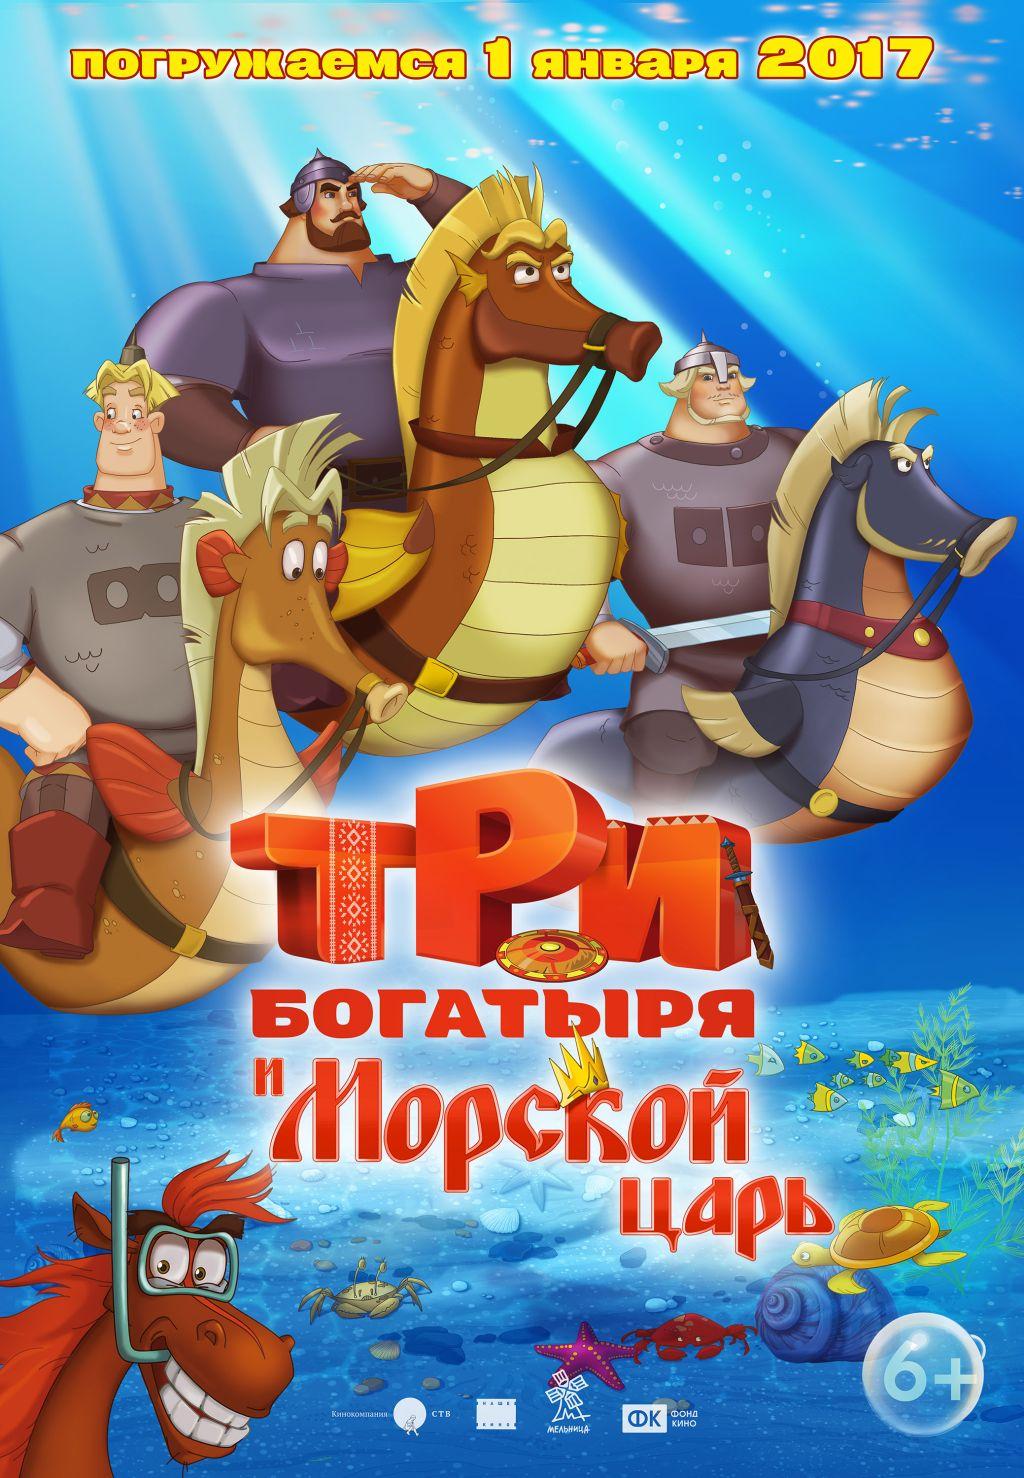 Трейлер мультфильма «Три богатыря и Морской царь»